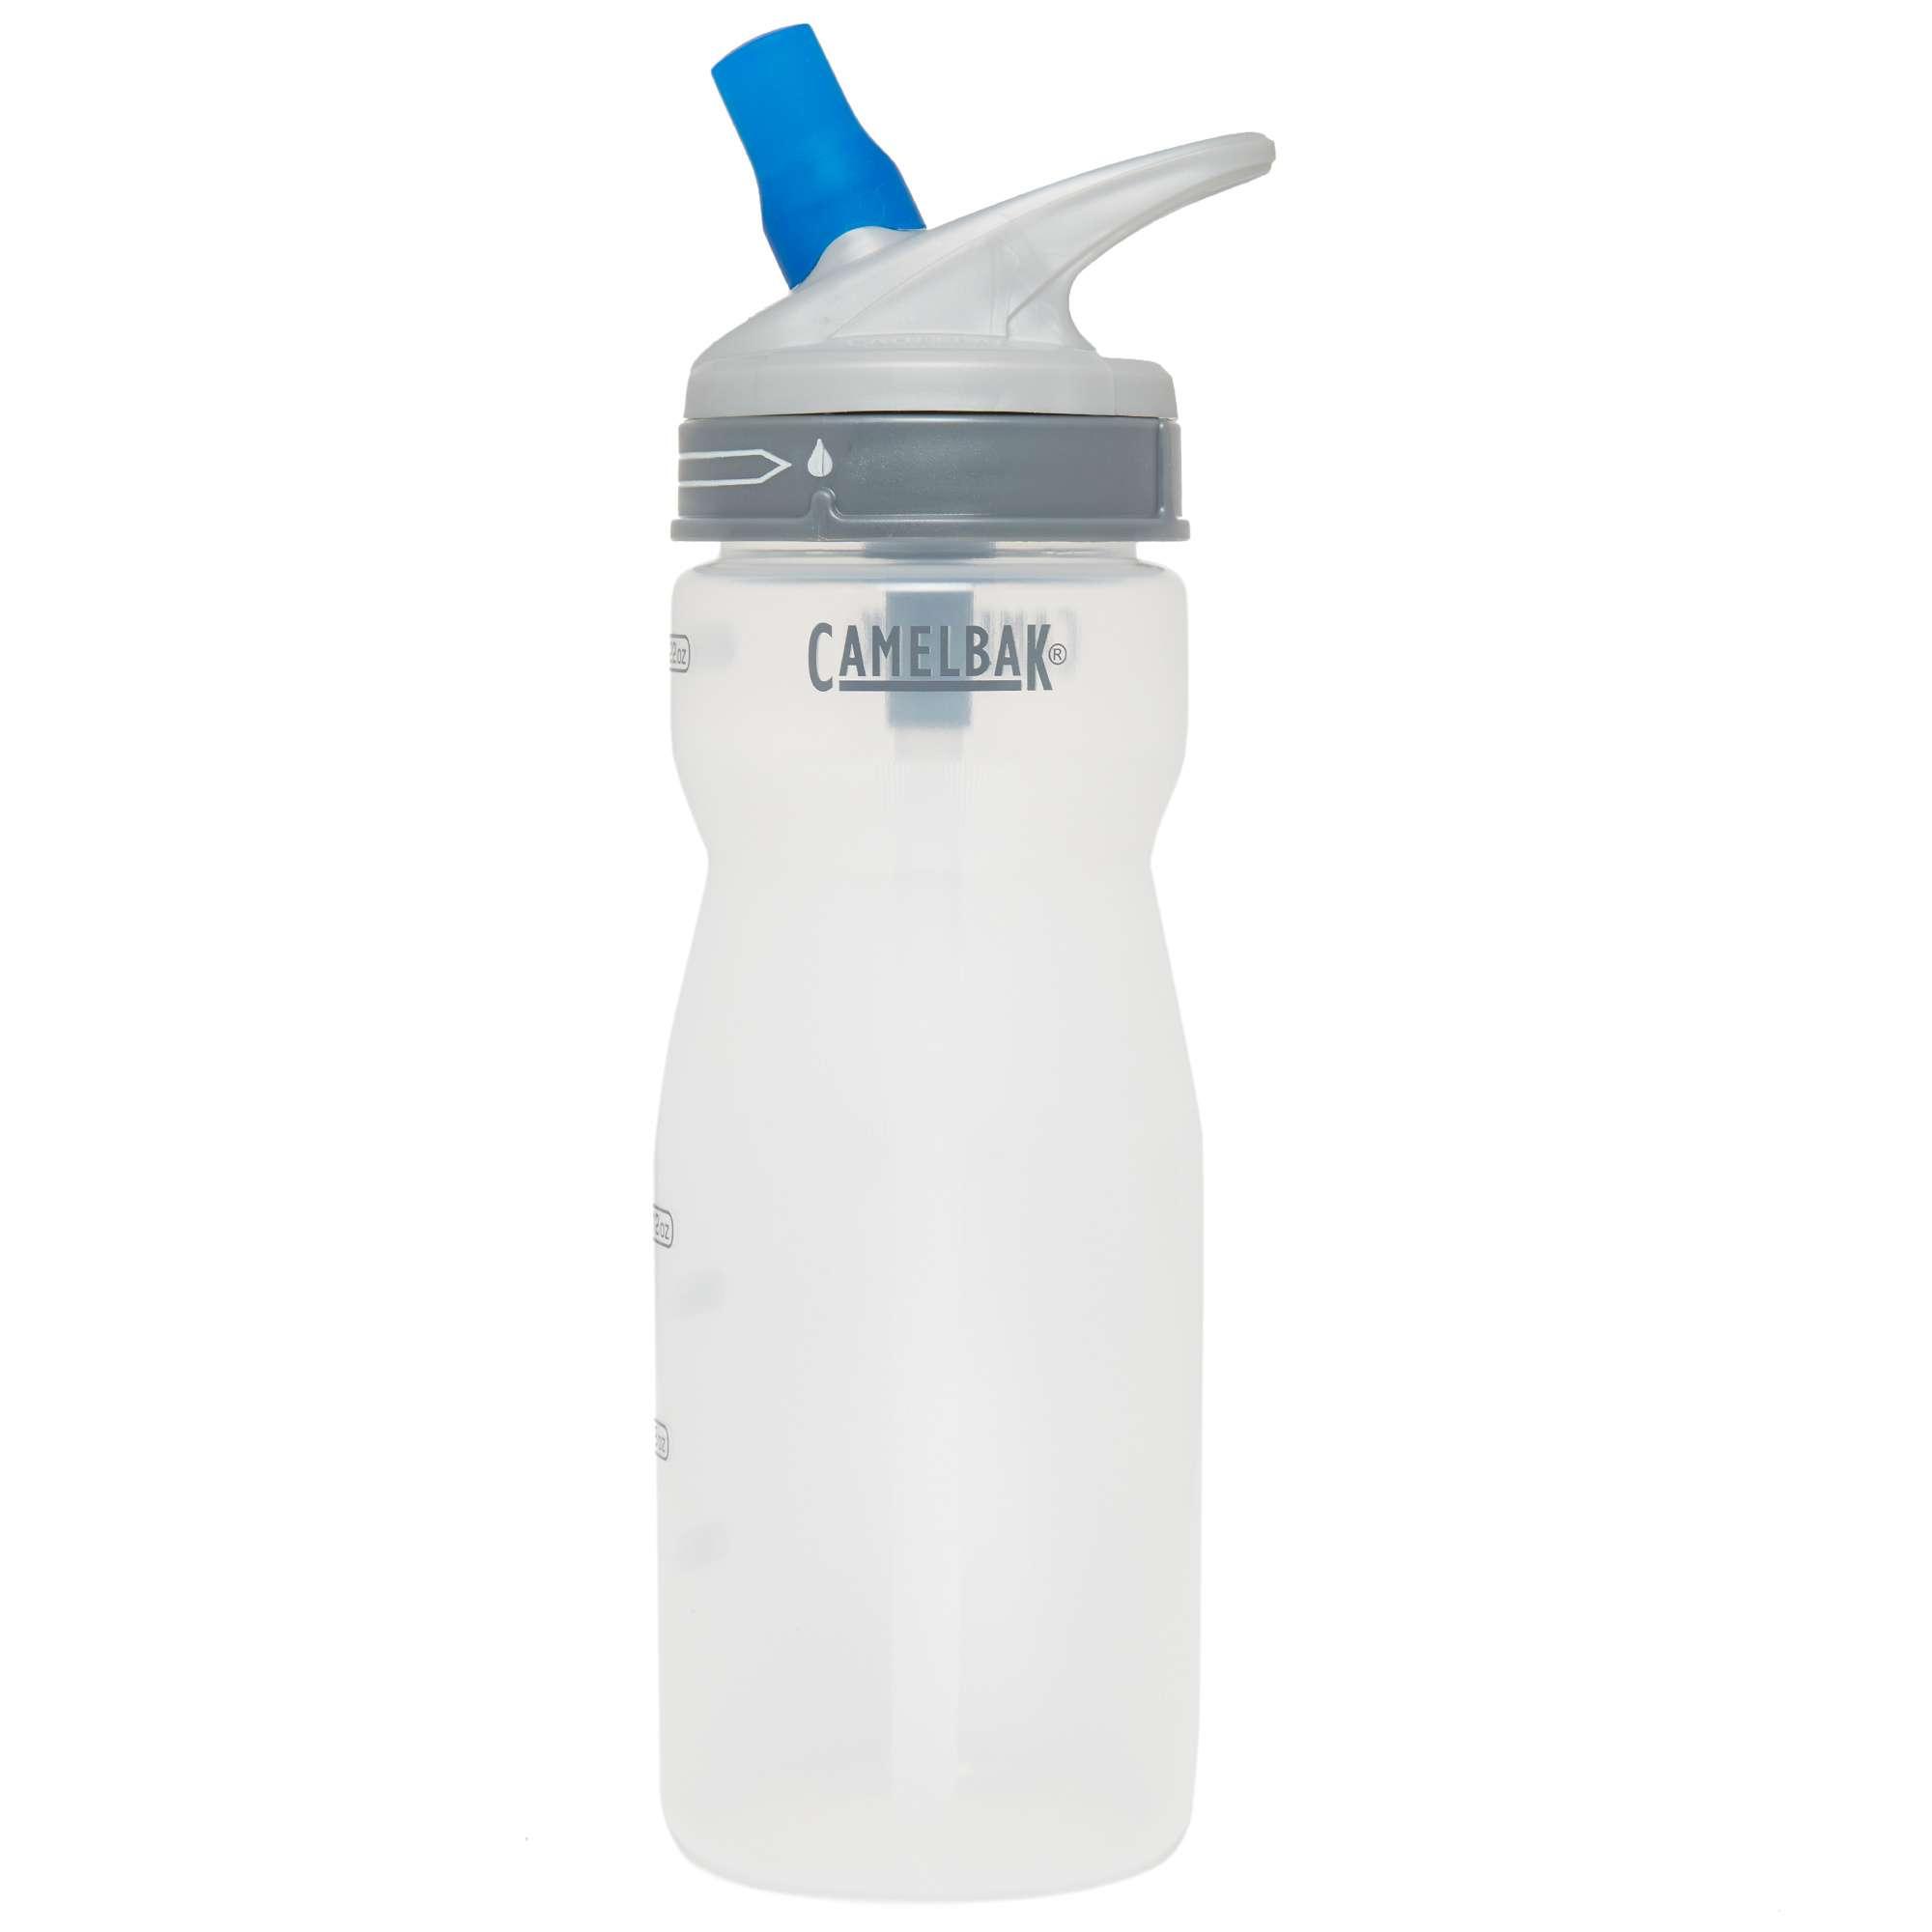 CAMELBAK Performance Drinks Bottle